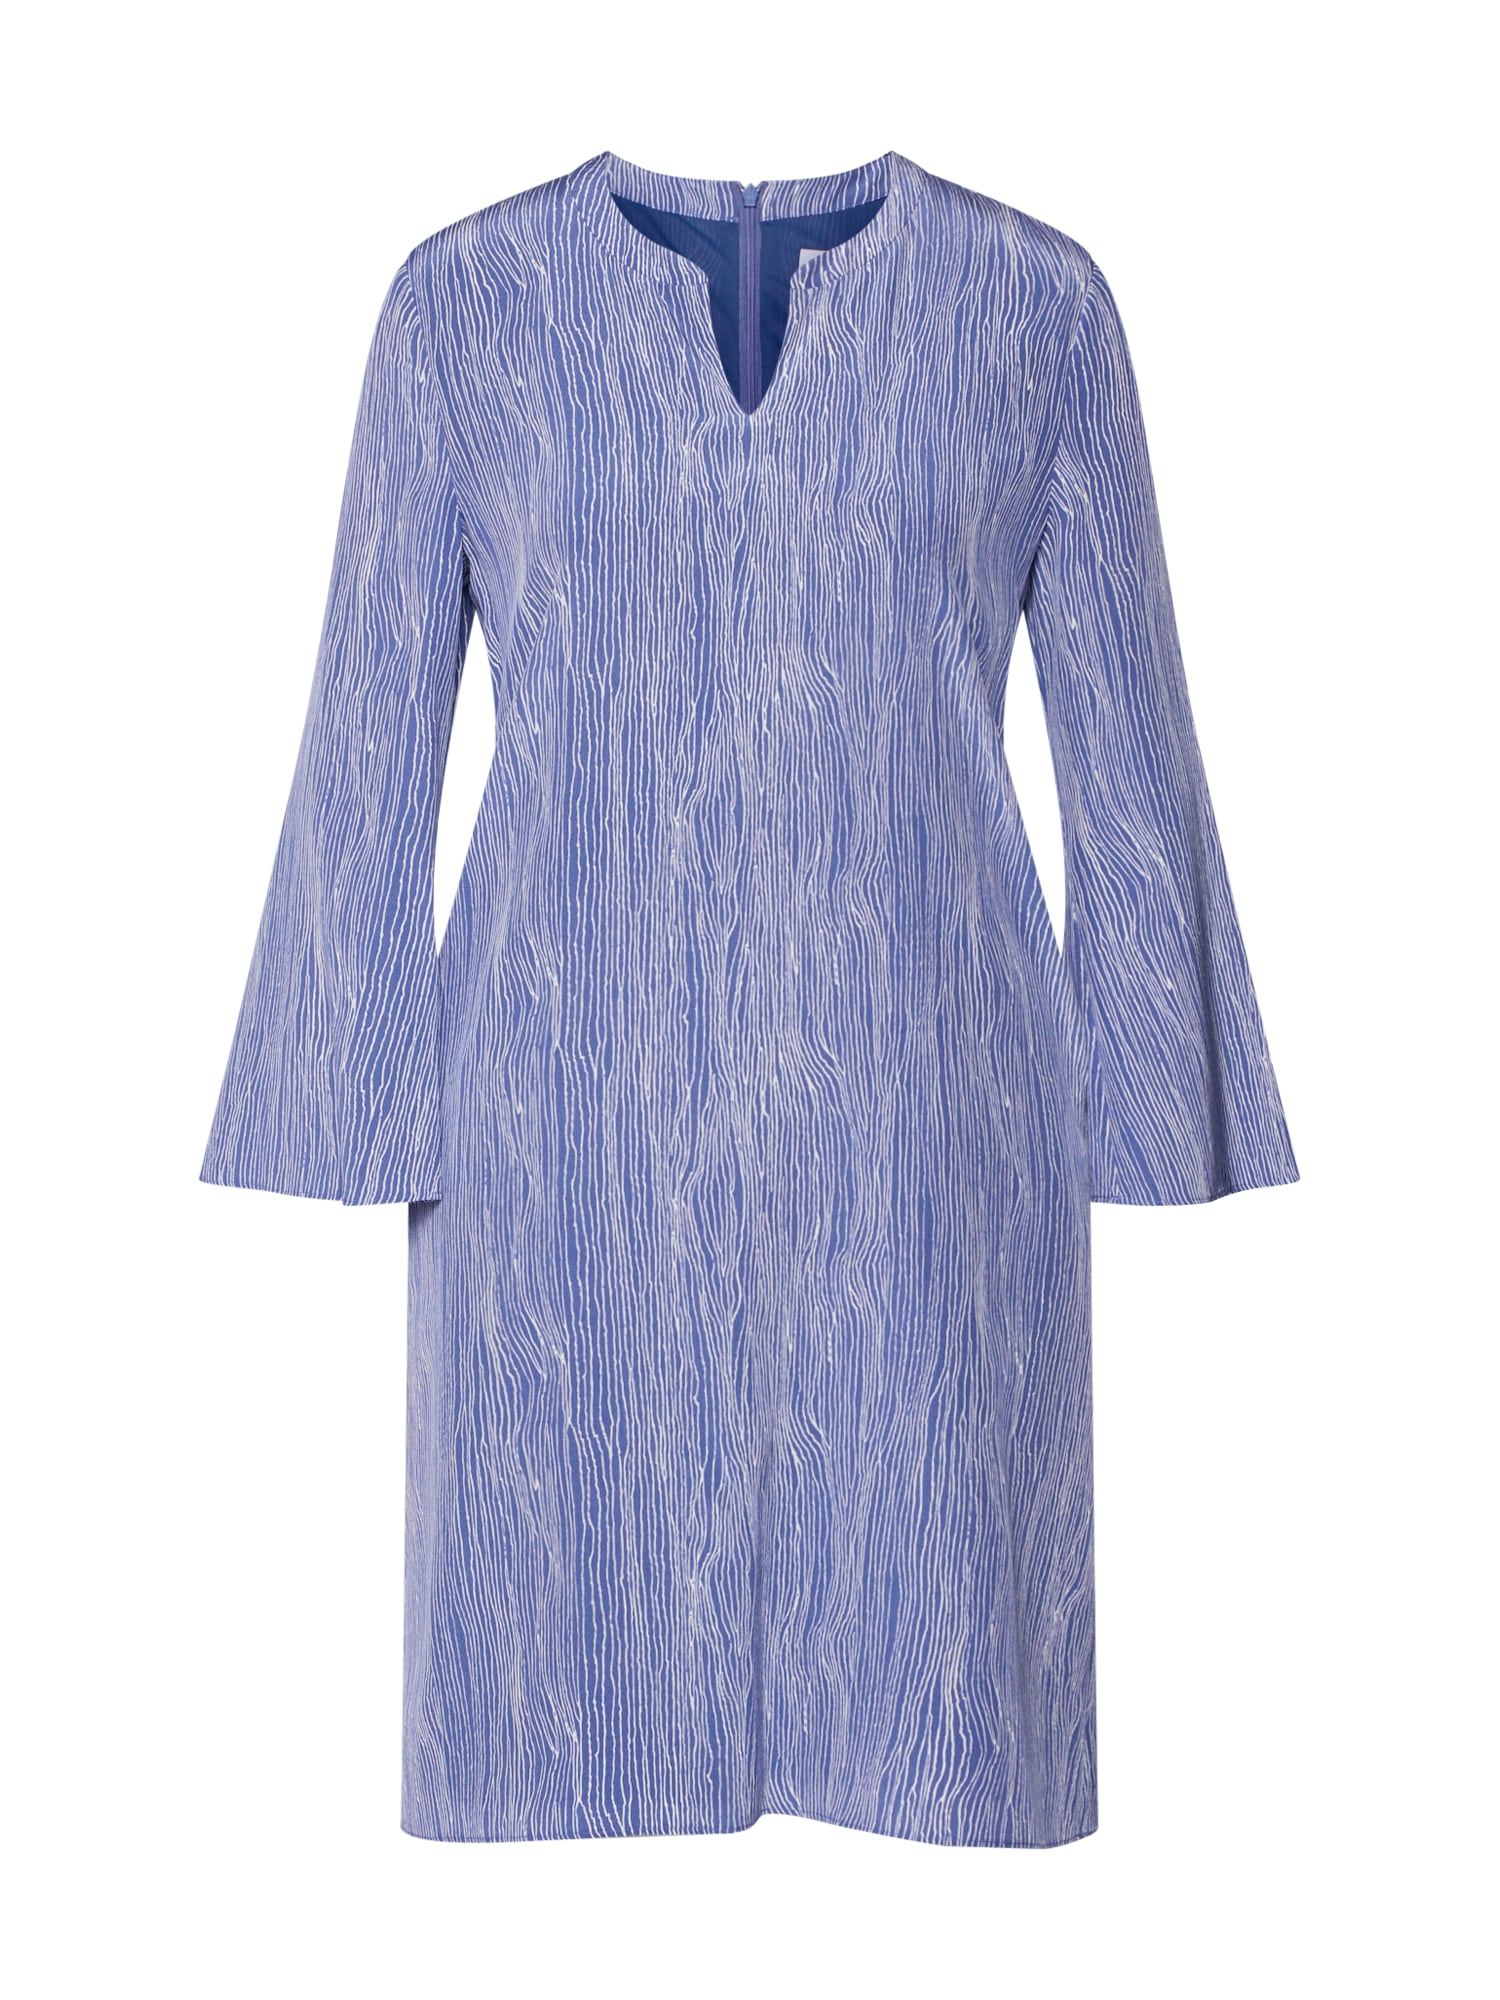 Šaty Aseta nebeská modř bílá BOSS